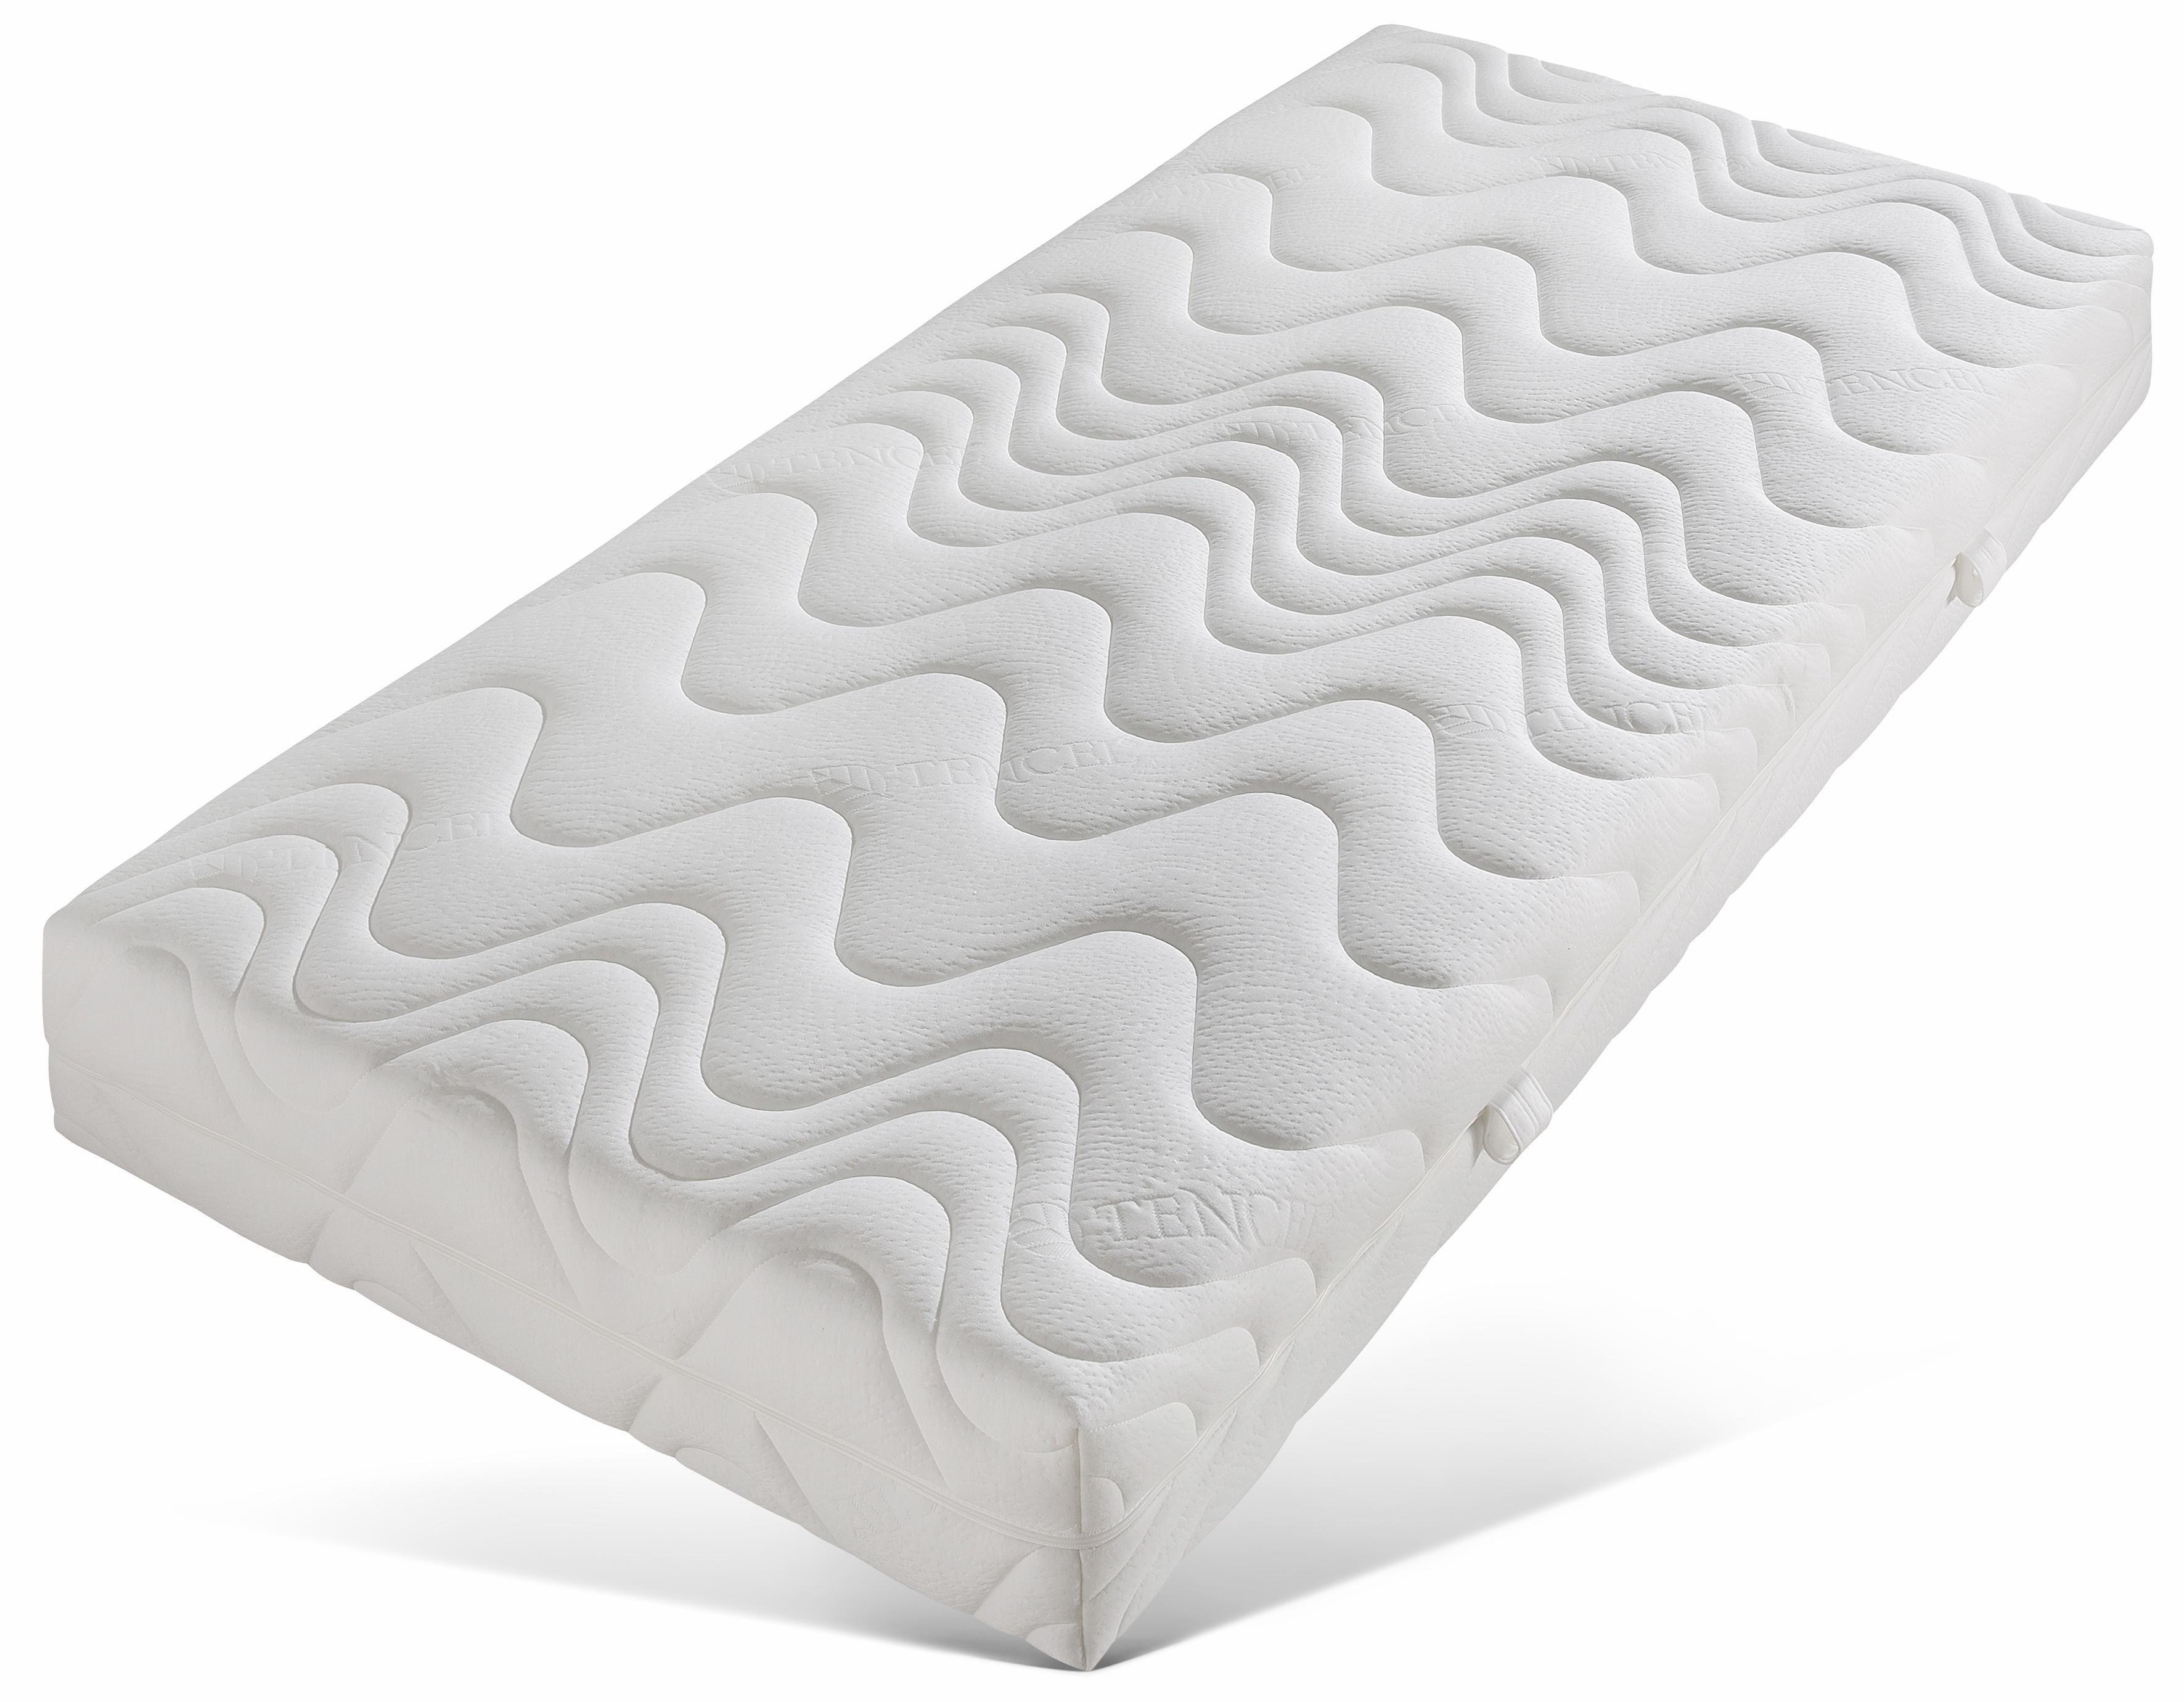 Gelschaummatratze »Pro Gel Luxus«, Beco, 26 cm hoch, (1-tlg) | Schlafzimmer > Matratzen > Gelmatratzen | Beco